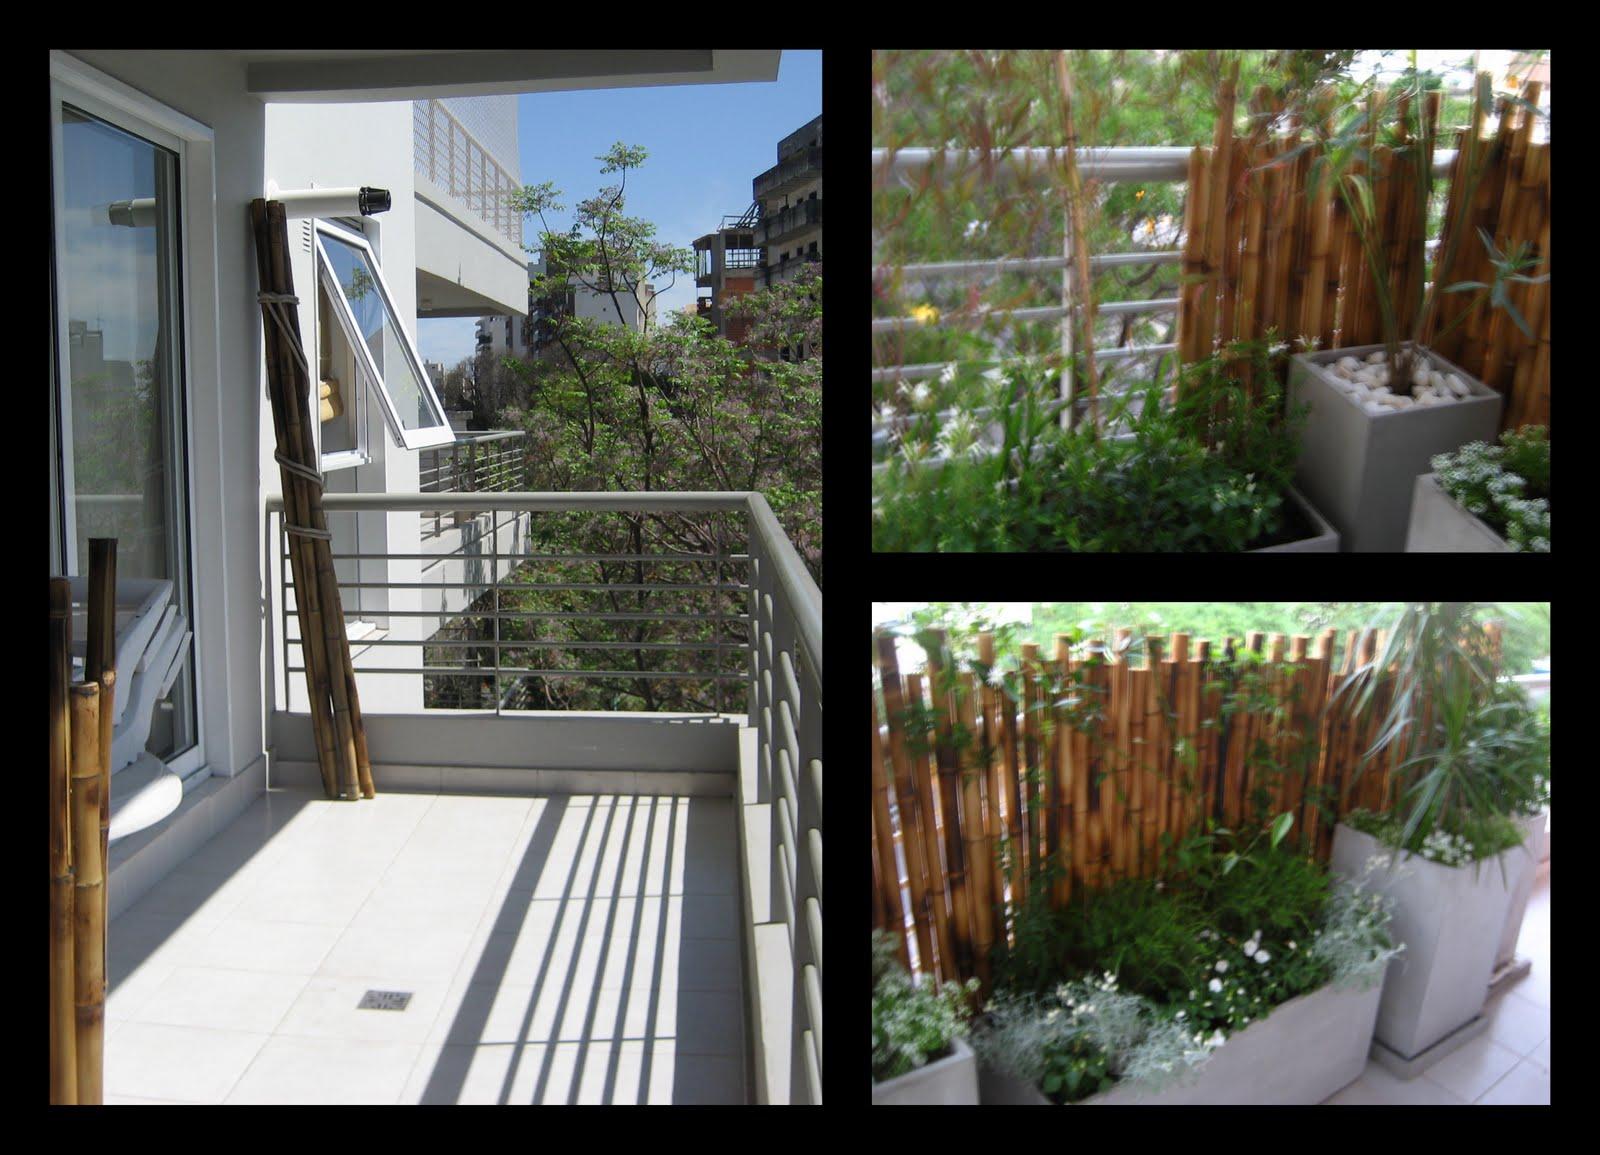 Planificaci n de espacios verdes balcones ii for Jardines verticales en balcones